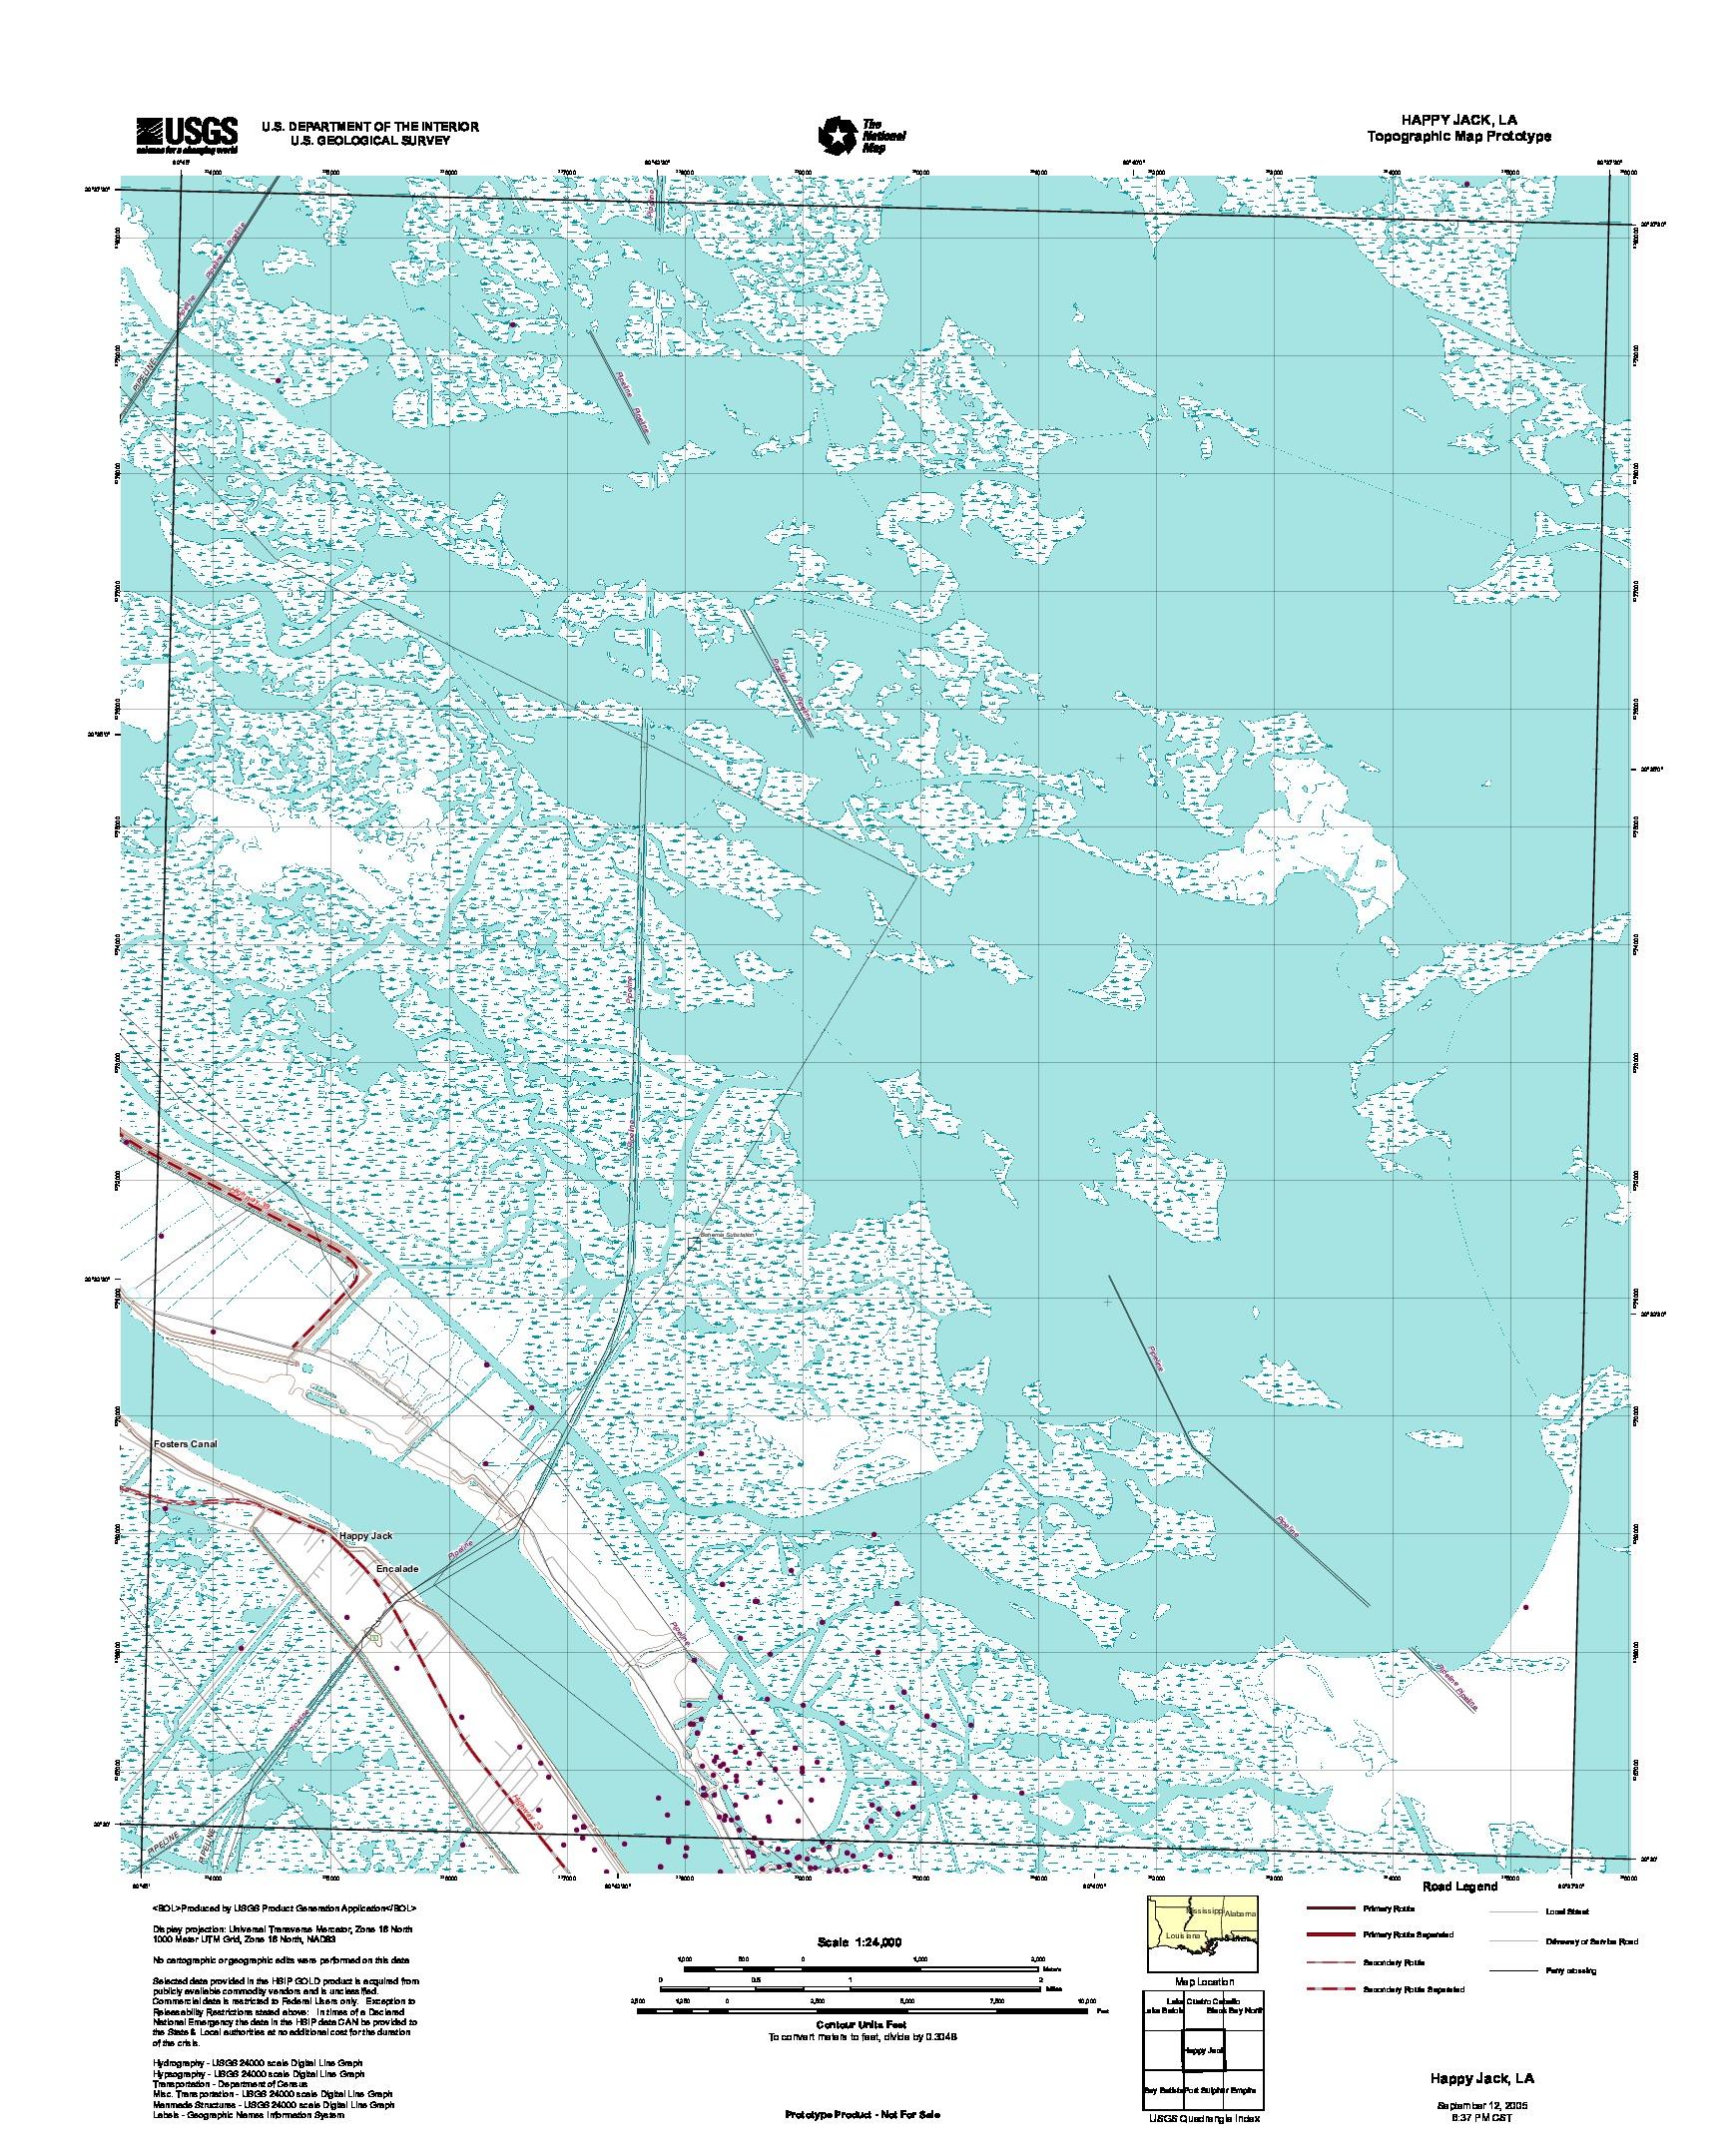 Prototipo de Mapa Topográfico de Happy Jack, Luisiana, Estados Unidos, Septiembre 12, 2005